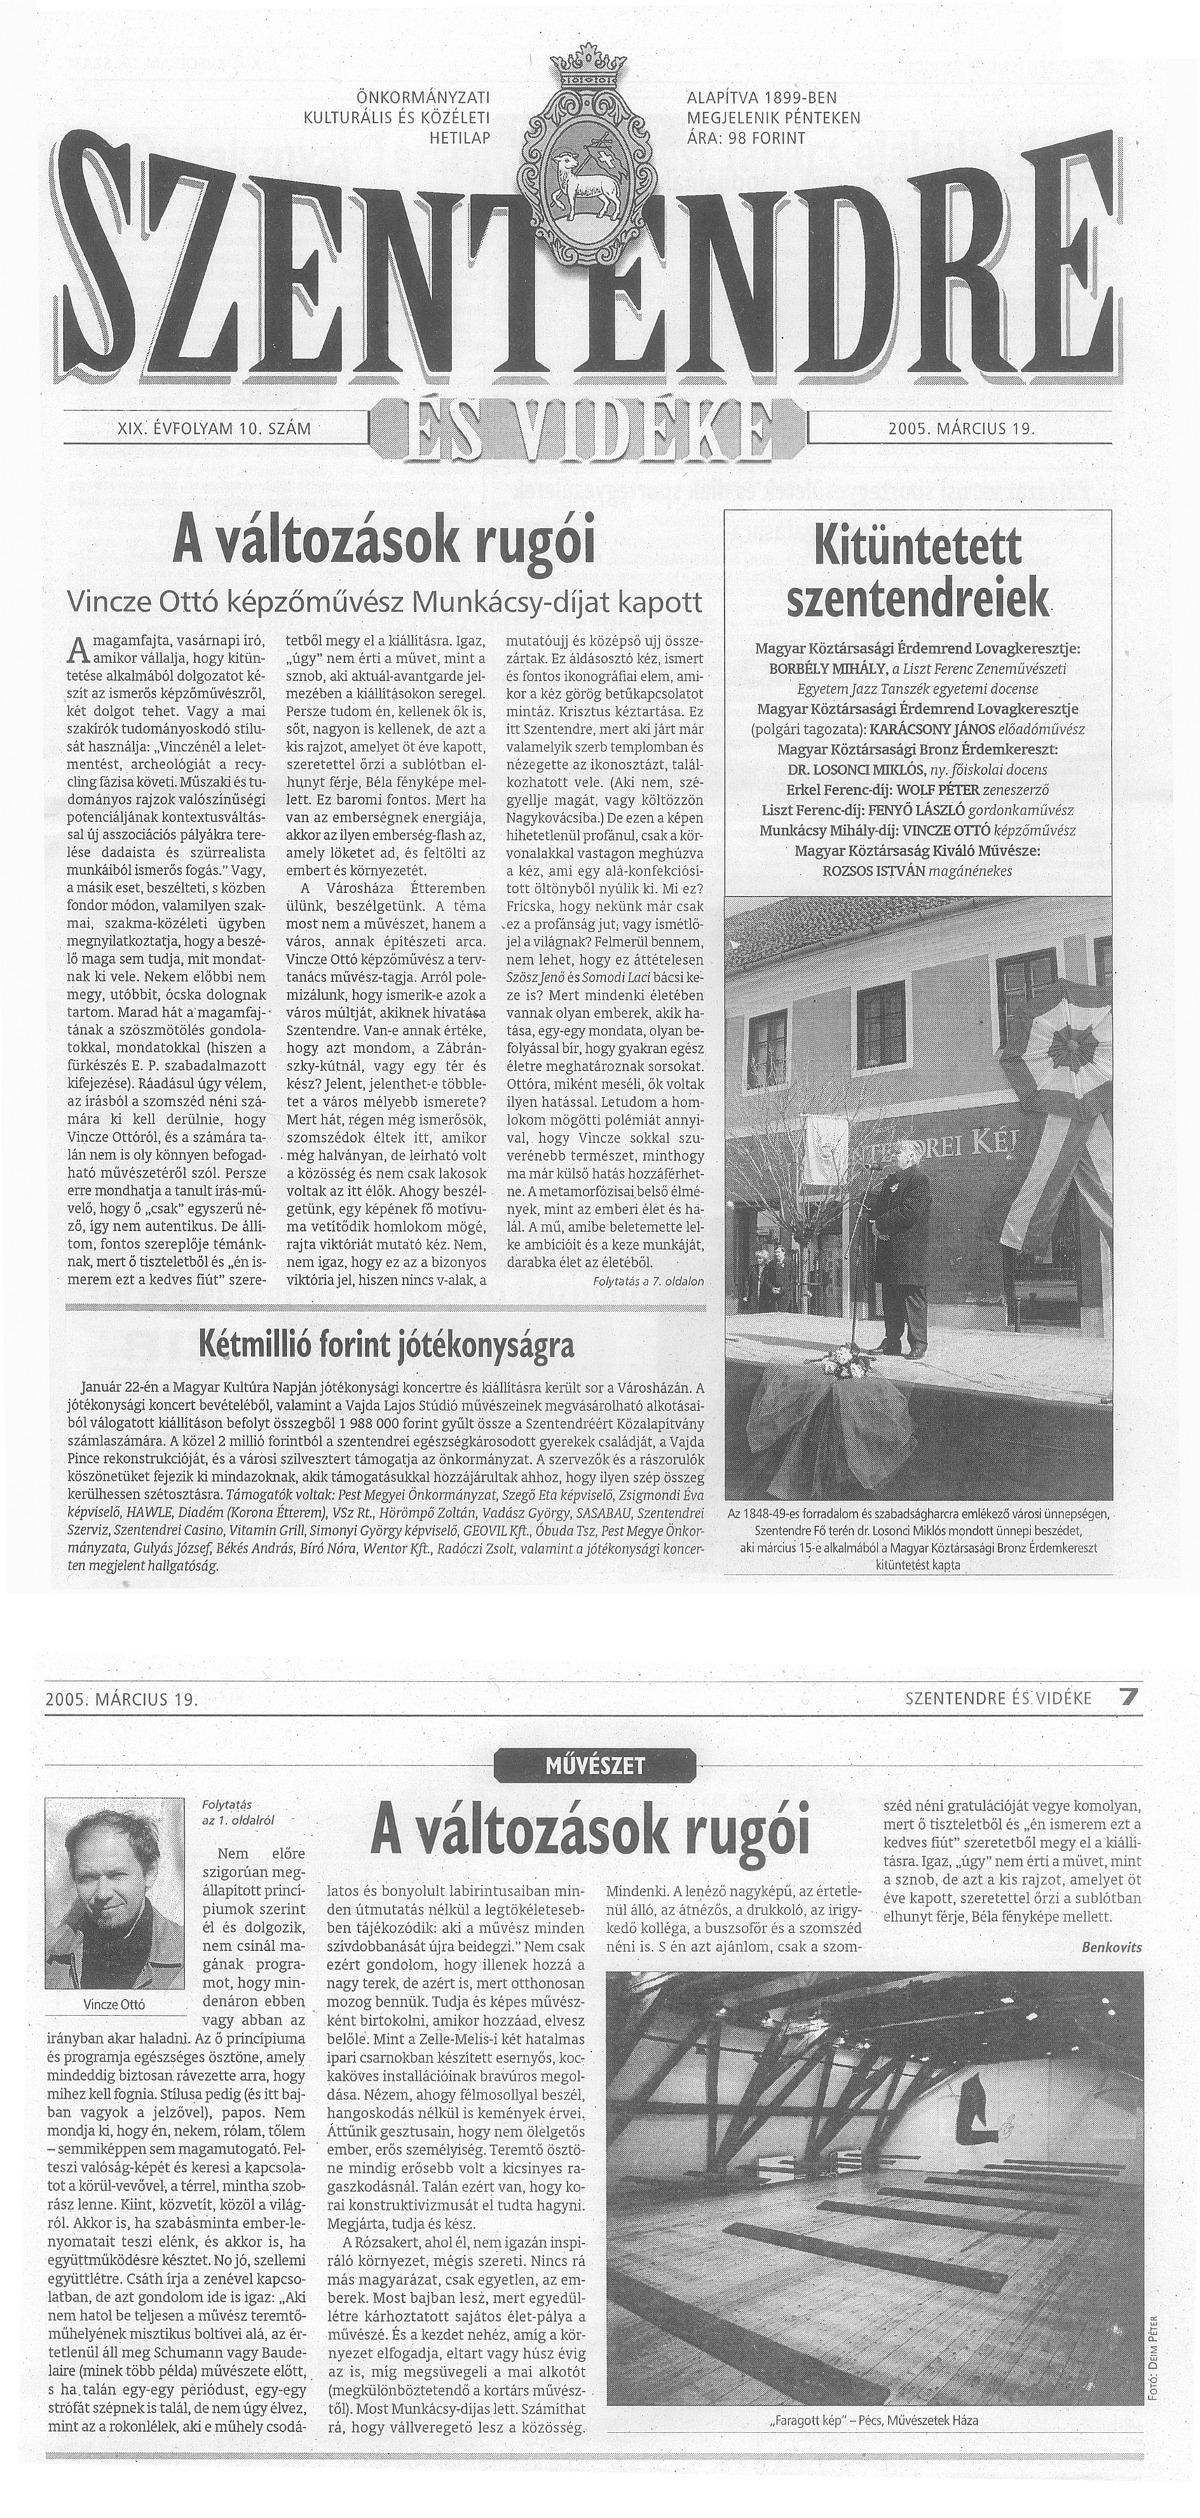 Benkovits György: A változások rugói, Szentendre és Vidéke